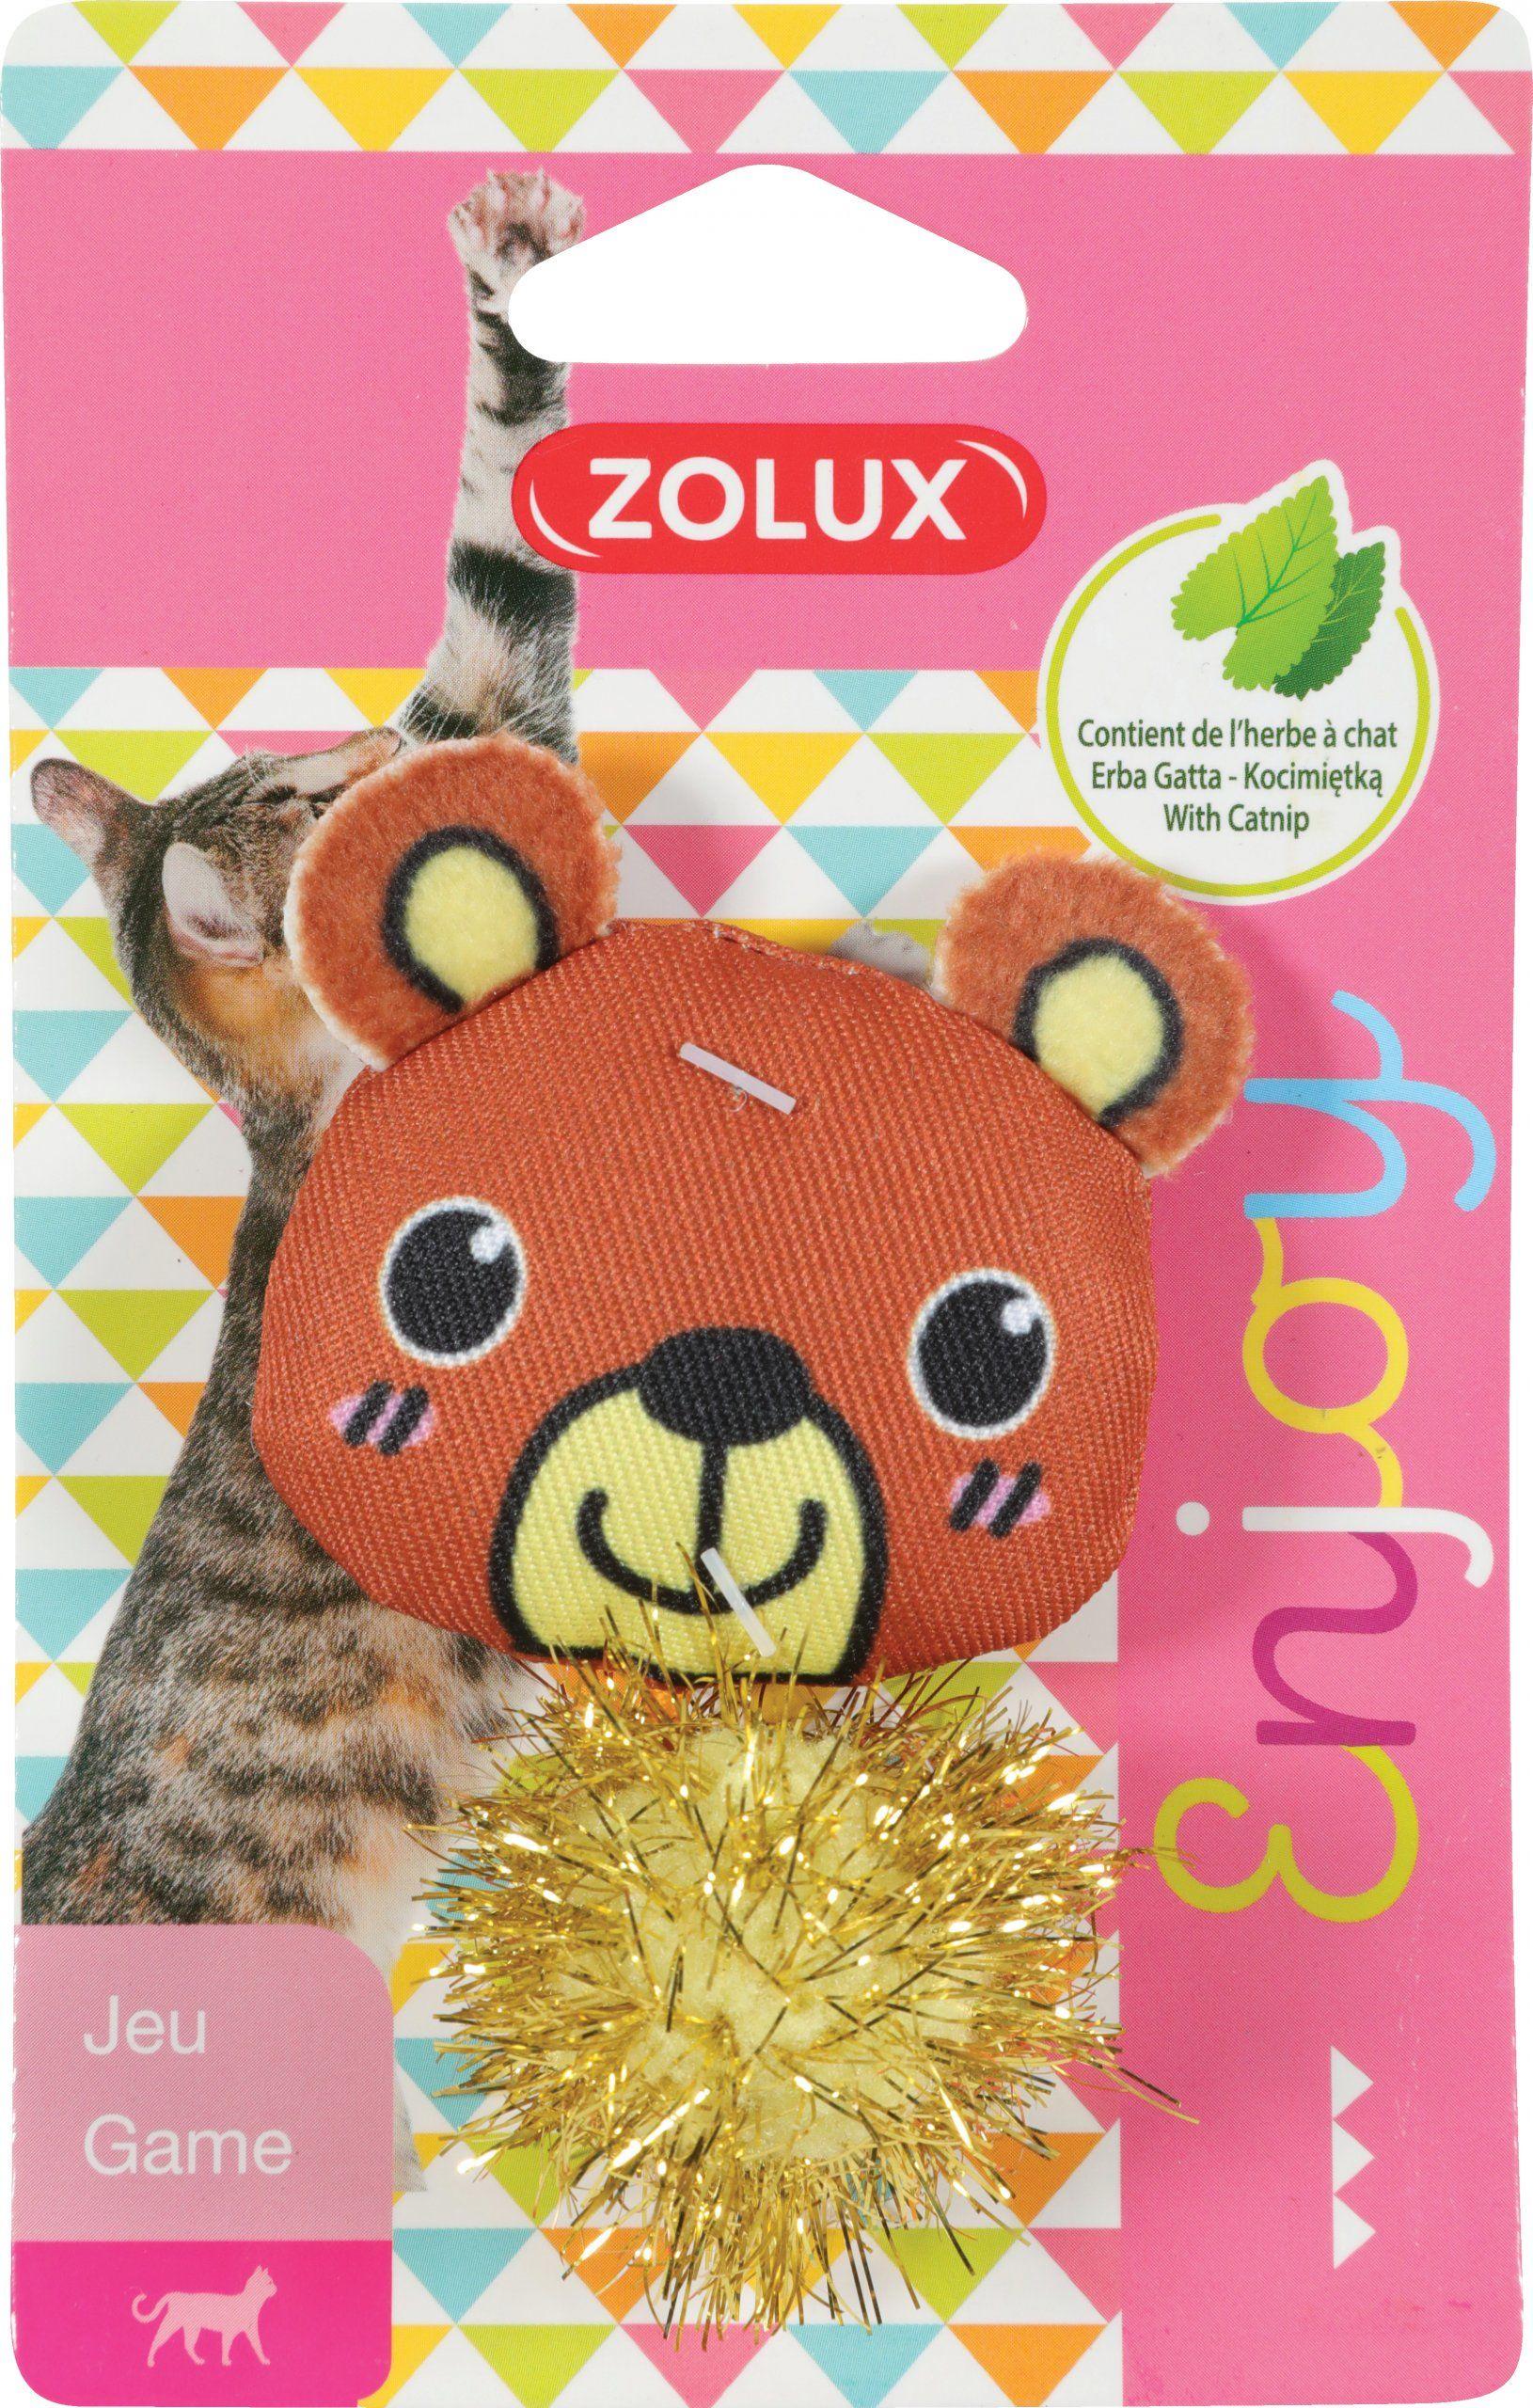 Zolux Zabawka dla kota Lovely miś